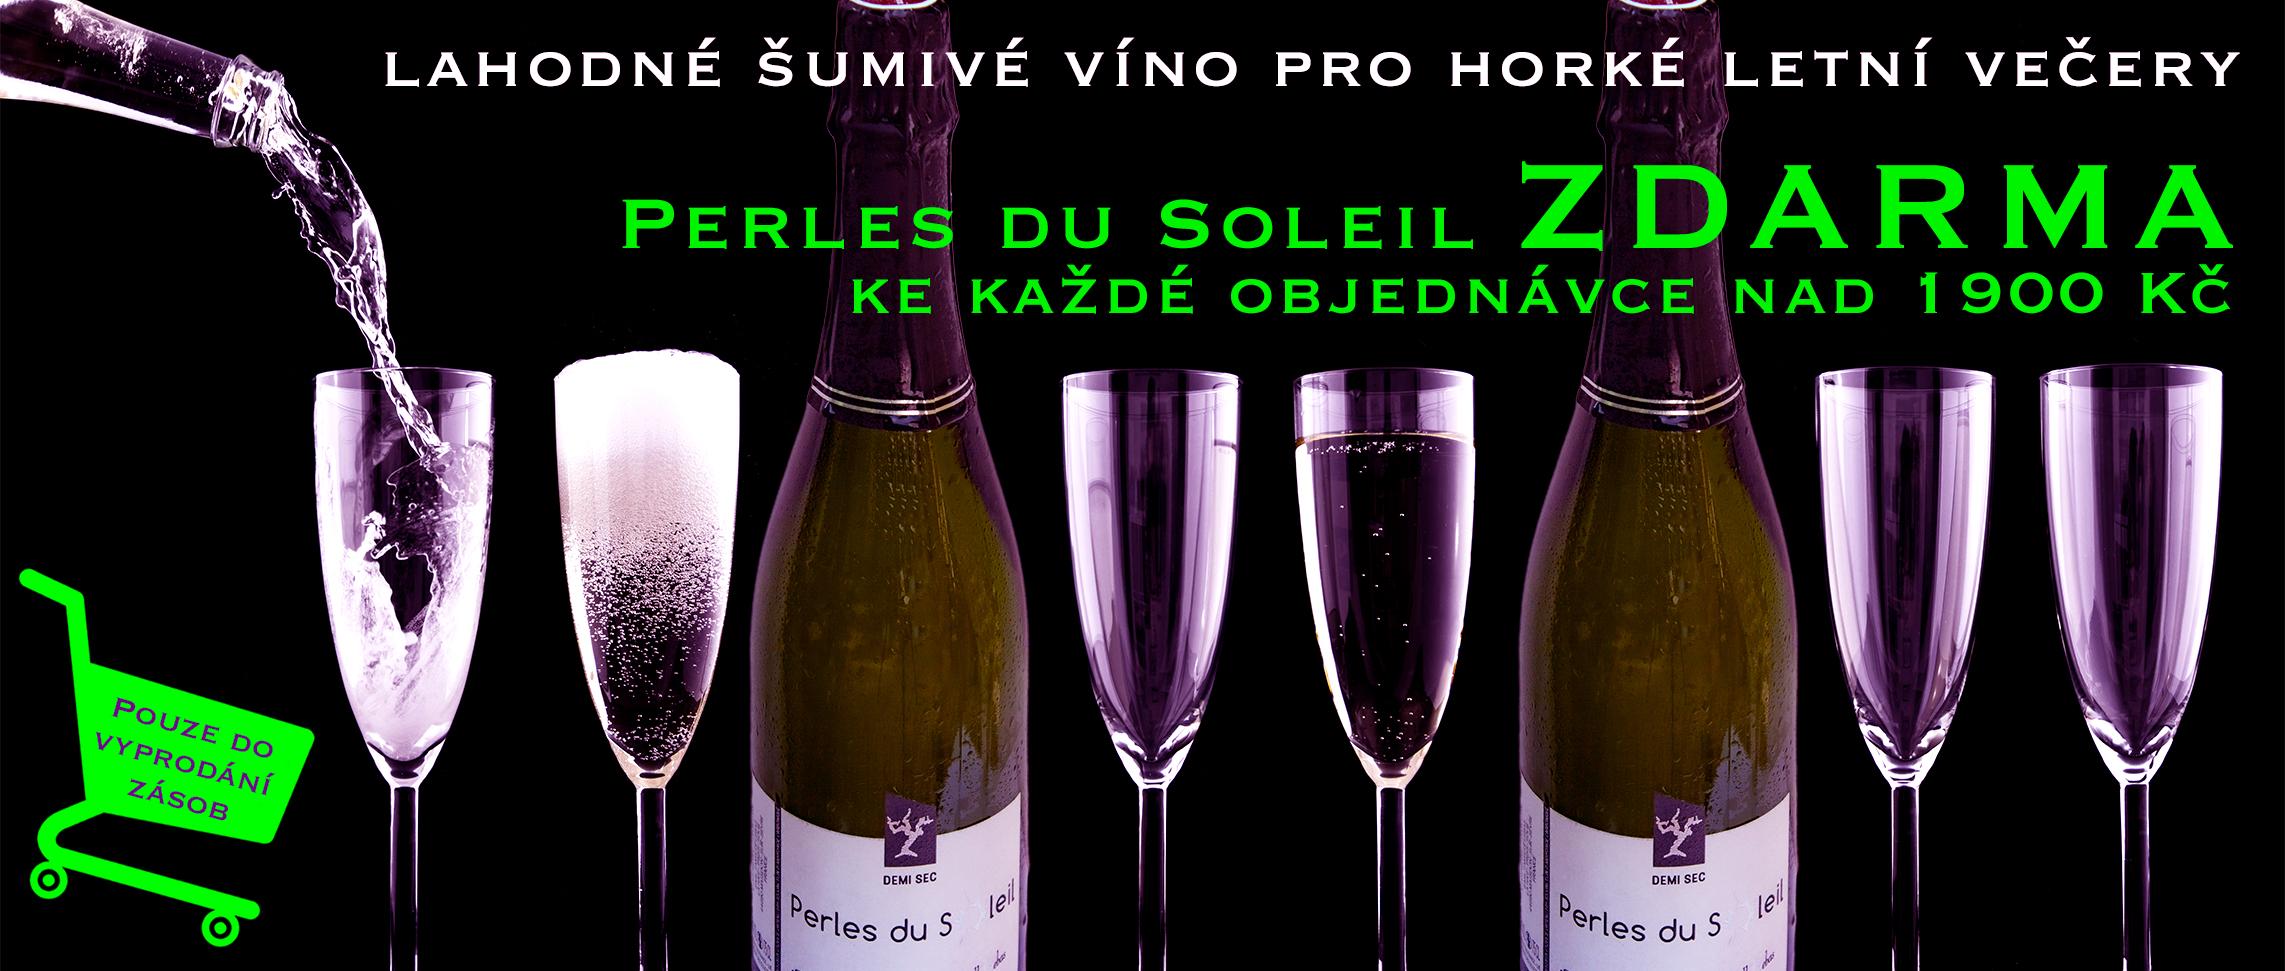 Perles du Soleil - šumivé víno pro horké letní večery